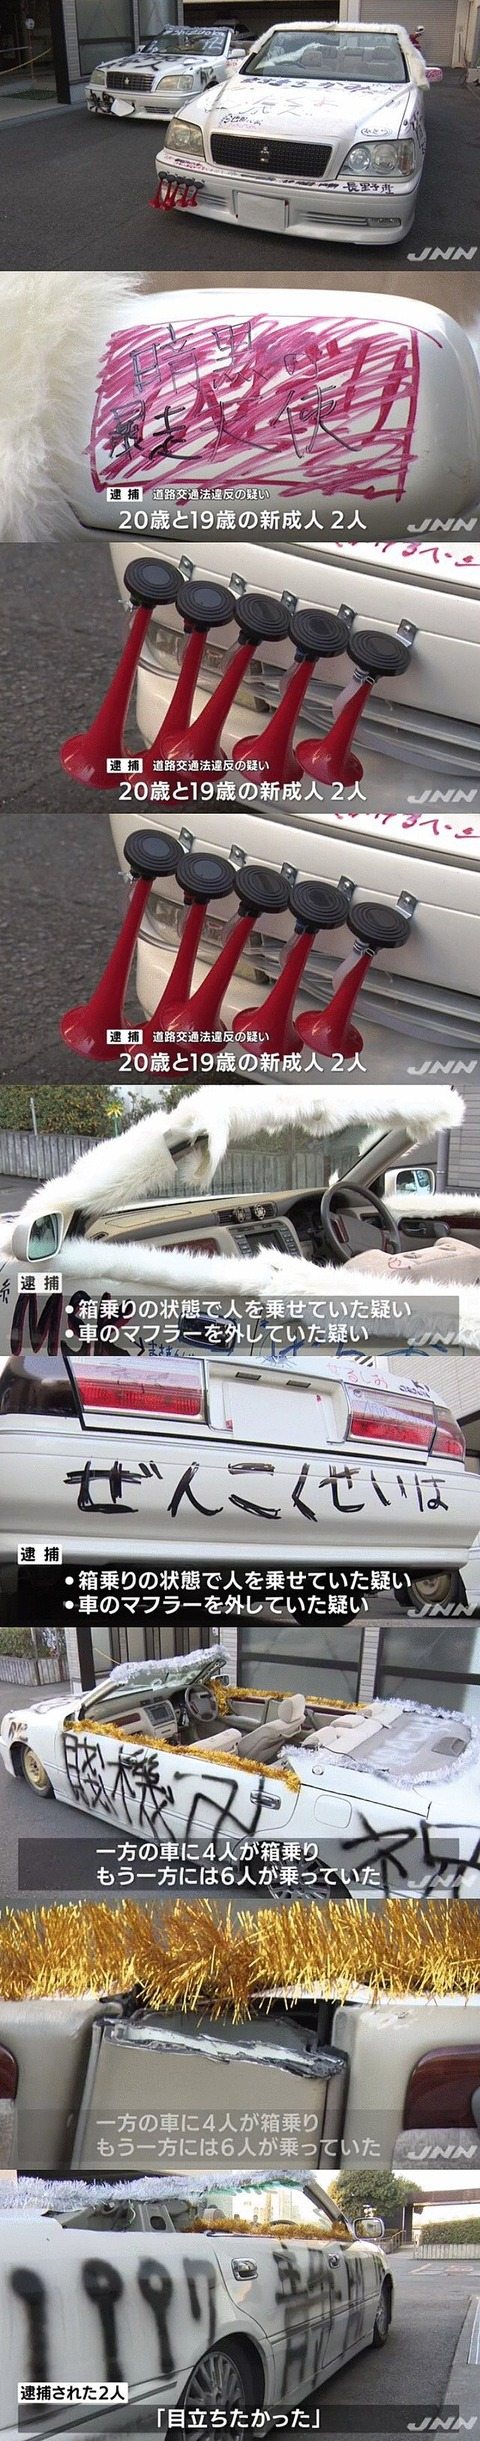 DQNが成人式に乗っていった改造車2